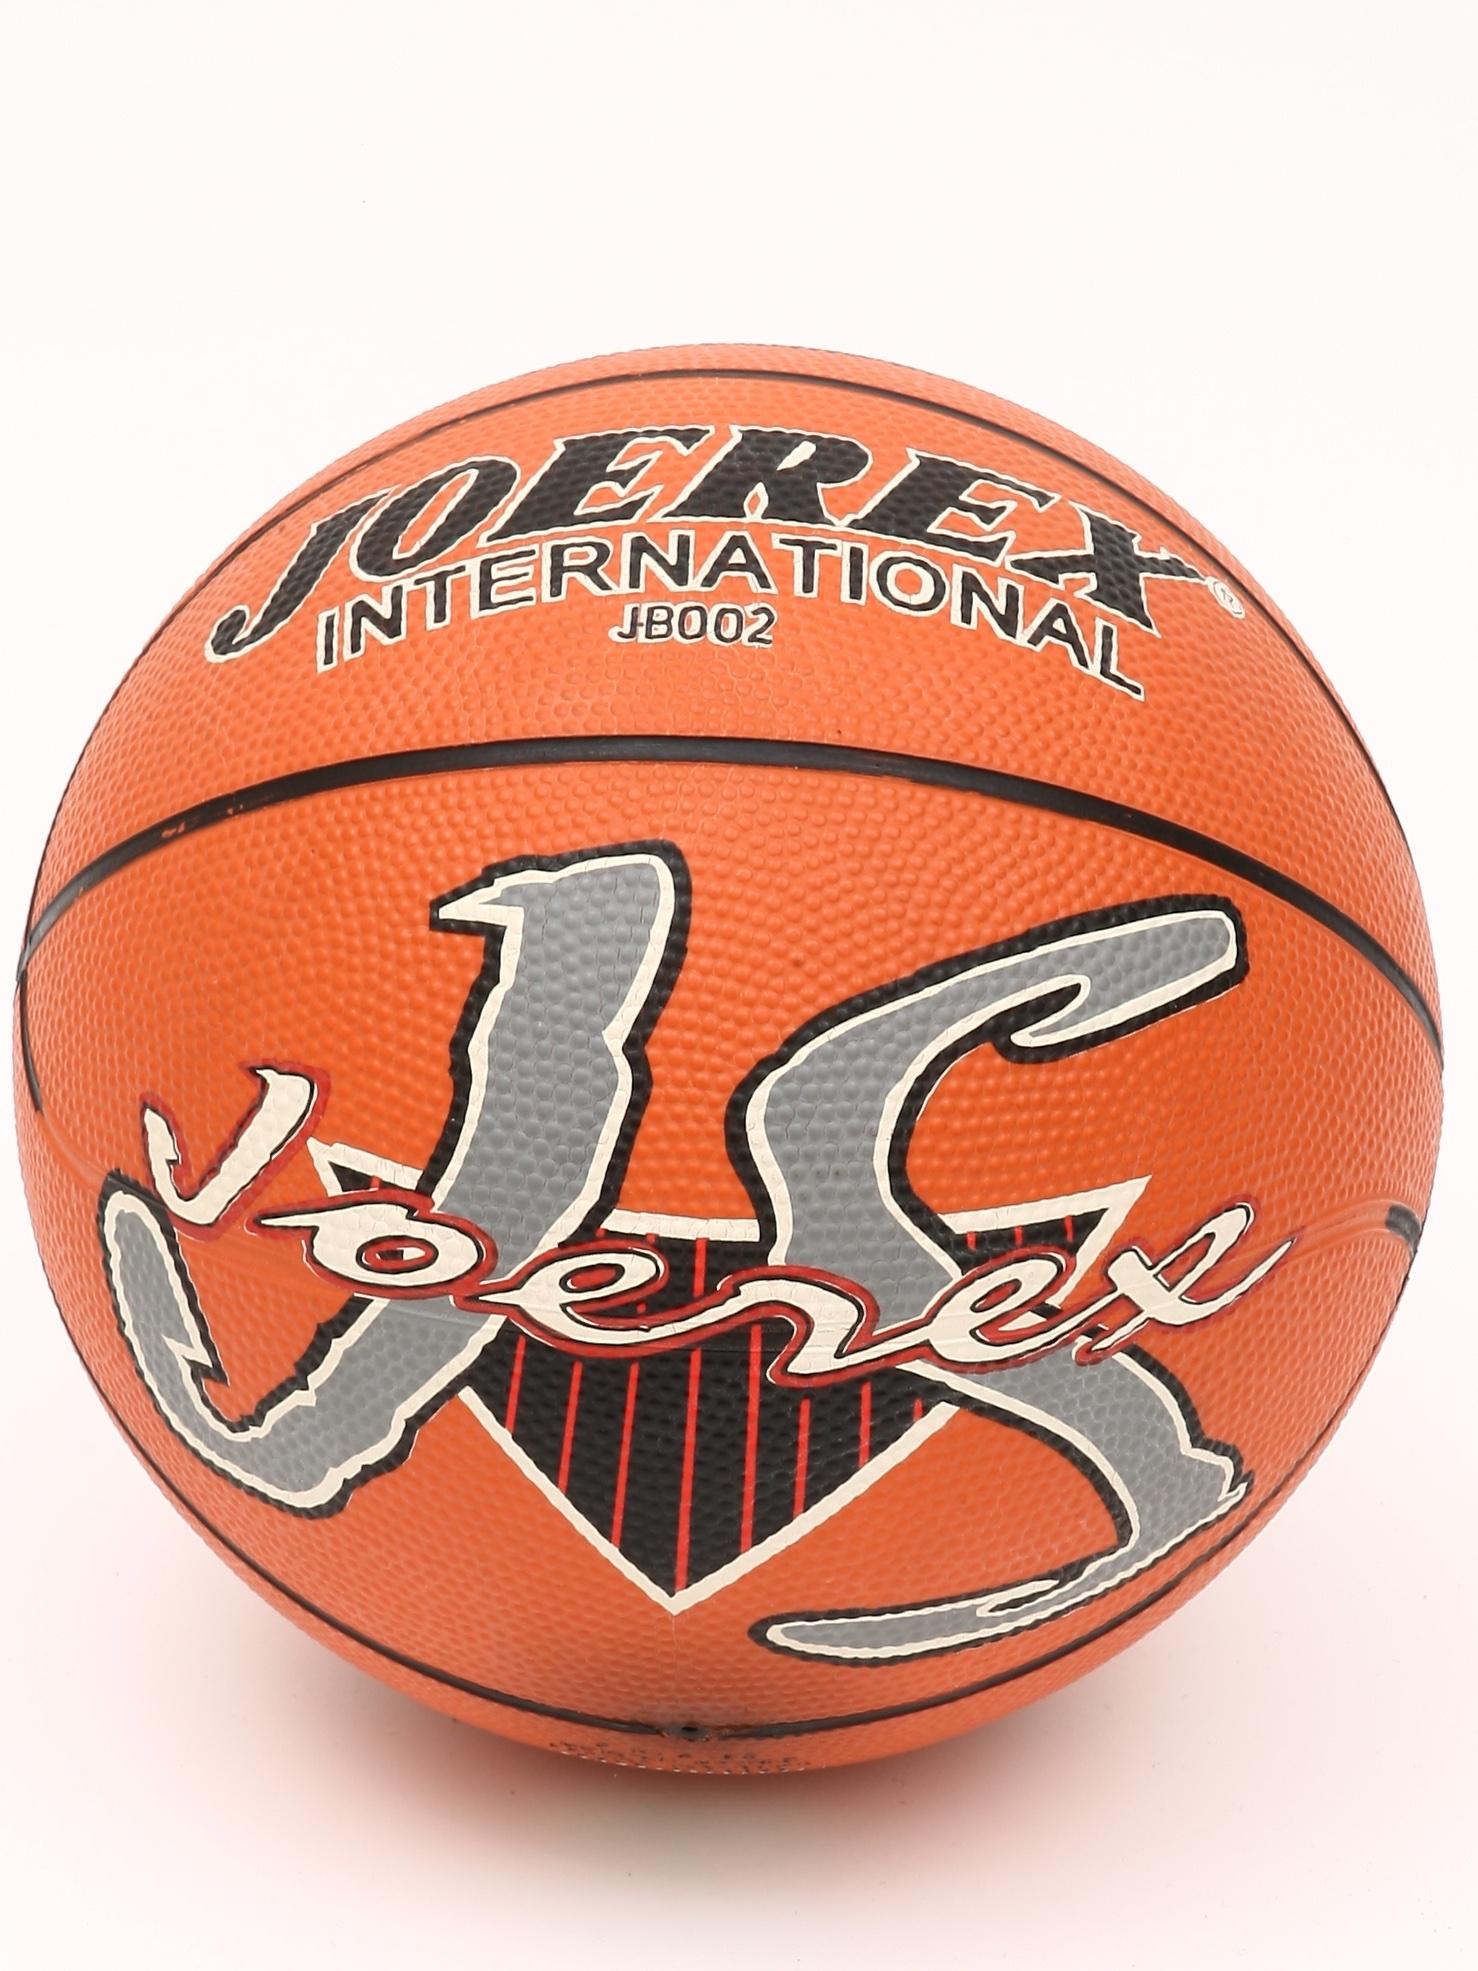 Мяч баскетбольный JOEREX JB002, коричнево-красный мяч футбольный joerex 5 jis010